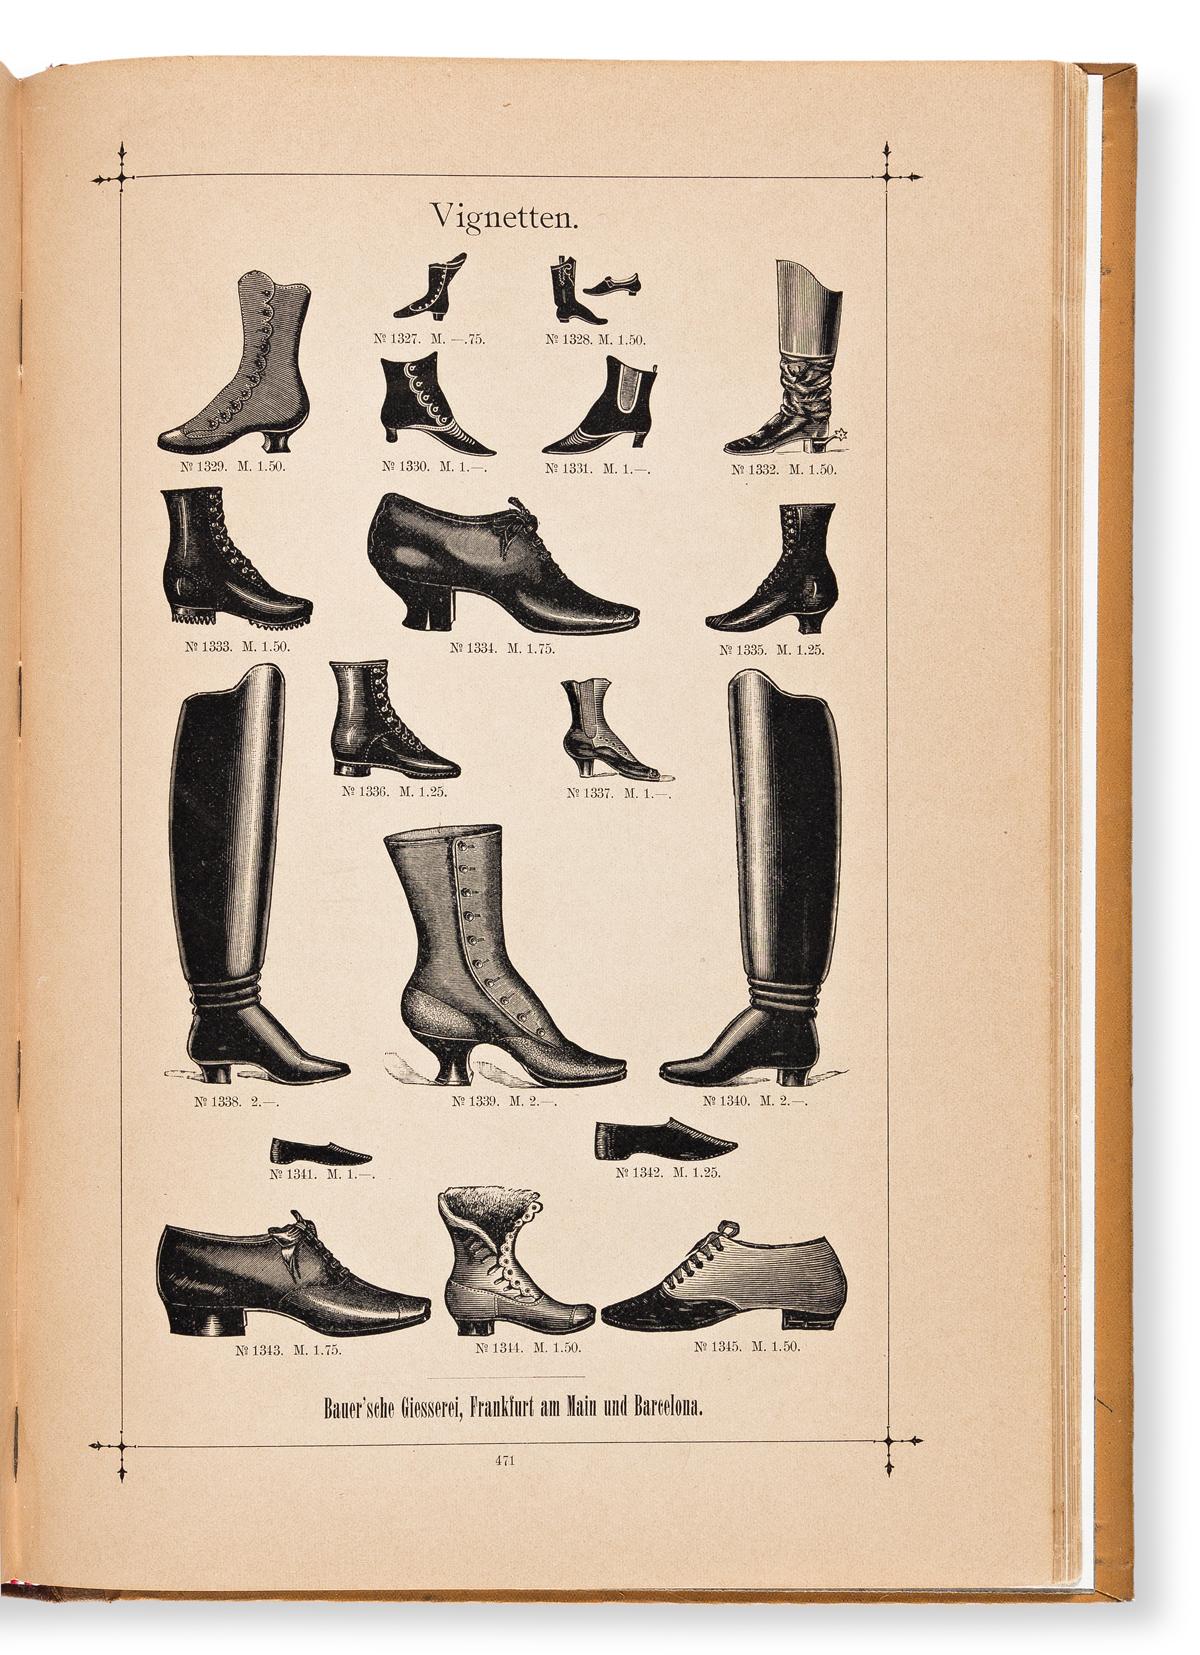 [SPECIMEN BOOK — BAUER'SCHEN GIESSEREI]. Musterbuch der Bauer'schen Giesserei. Frankfurt and Barcelona, 1900.